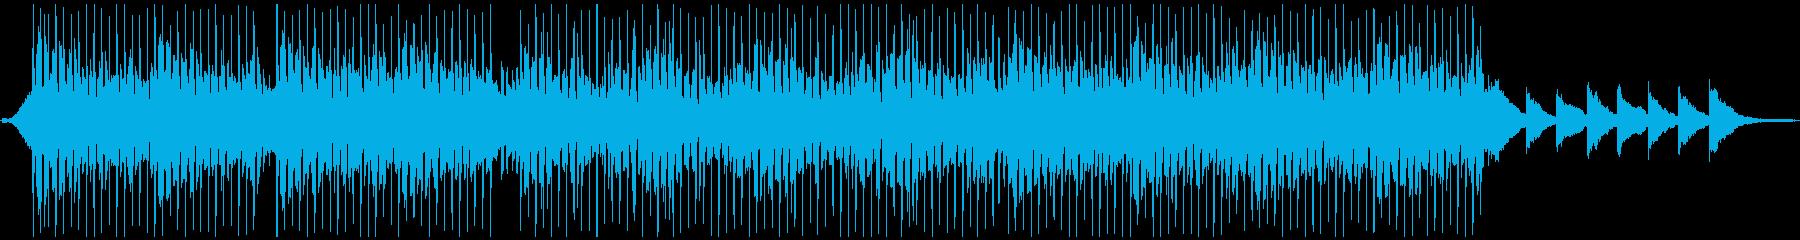 ラウンジ まったり アンビエント ...の再生済みの波形